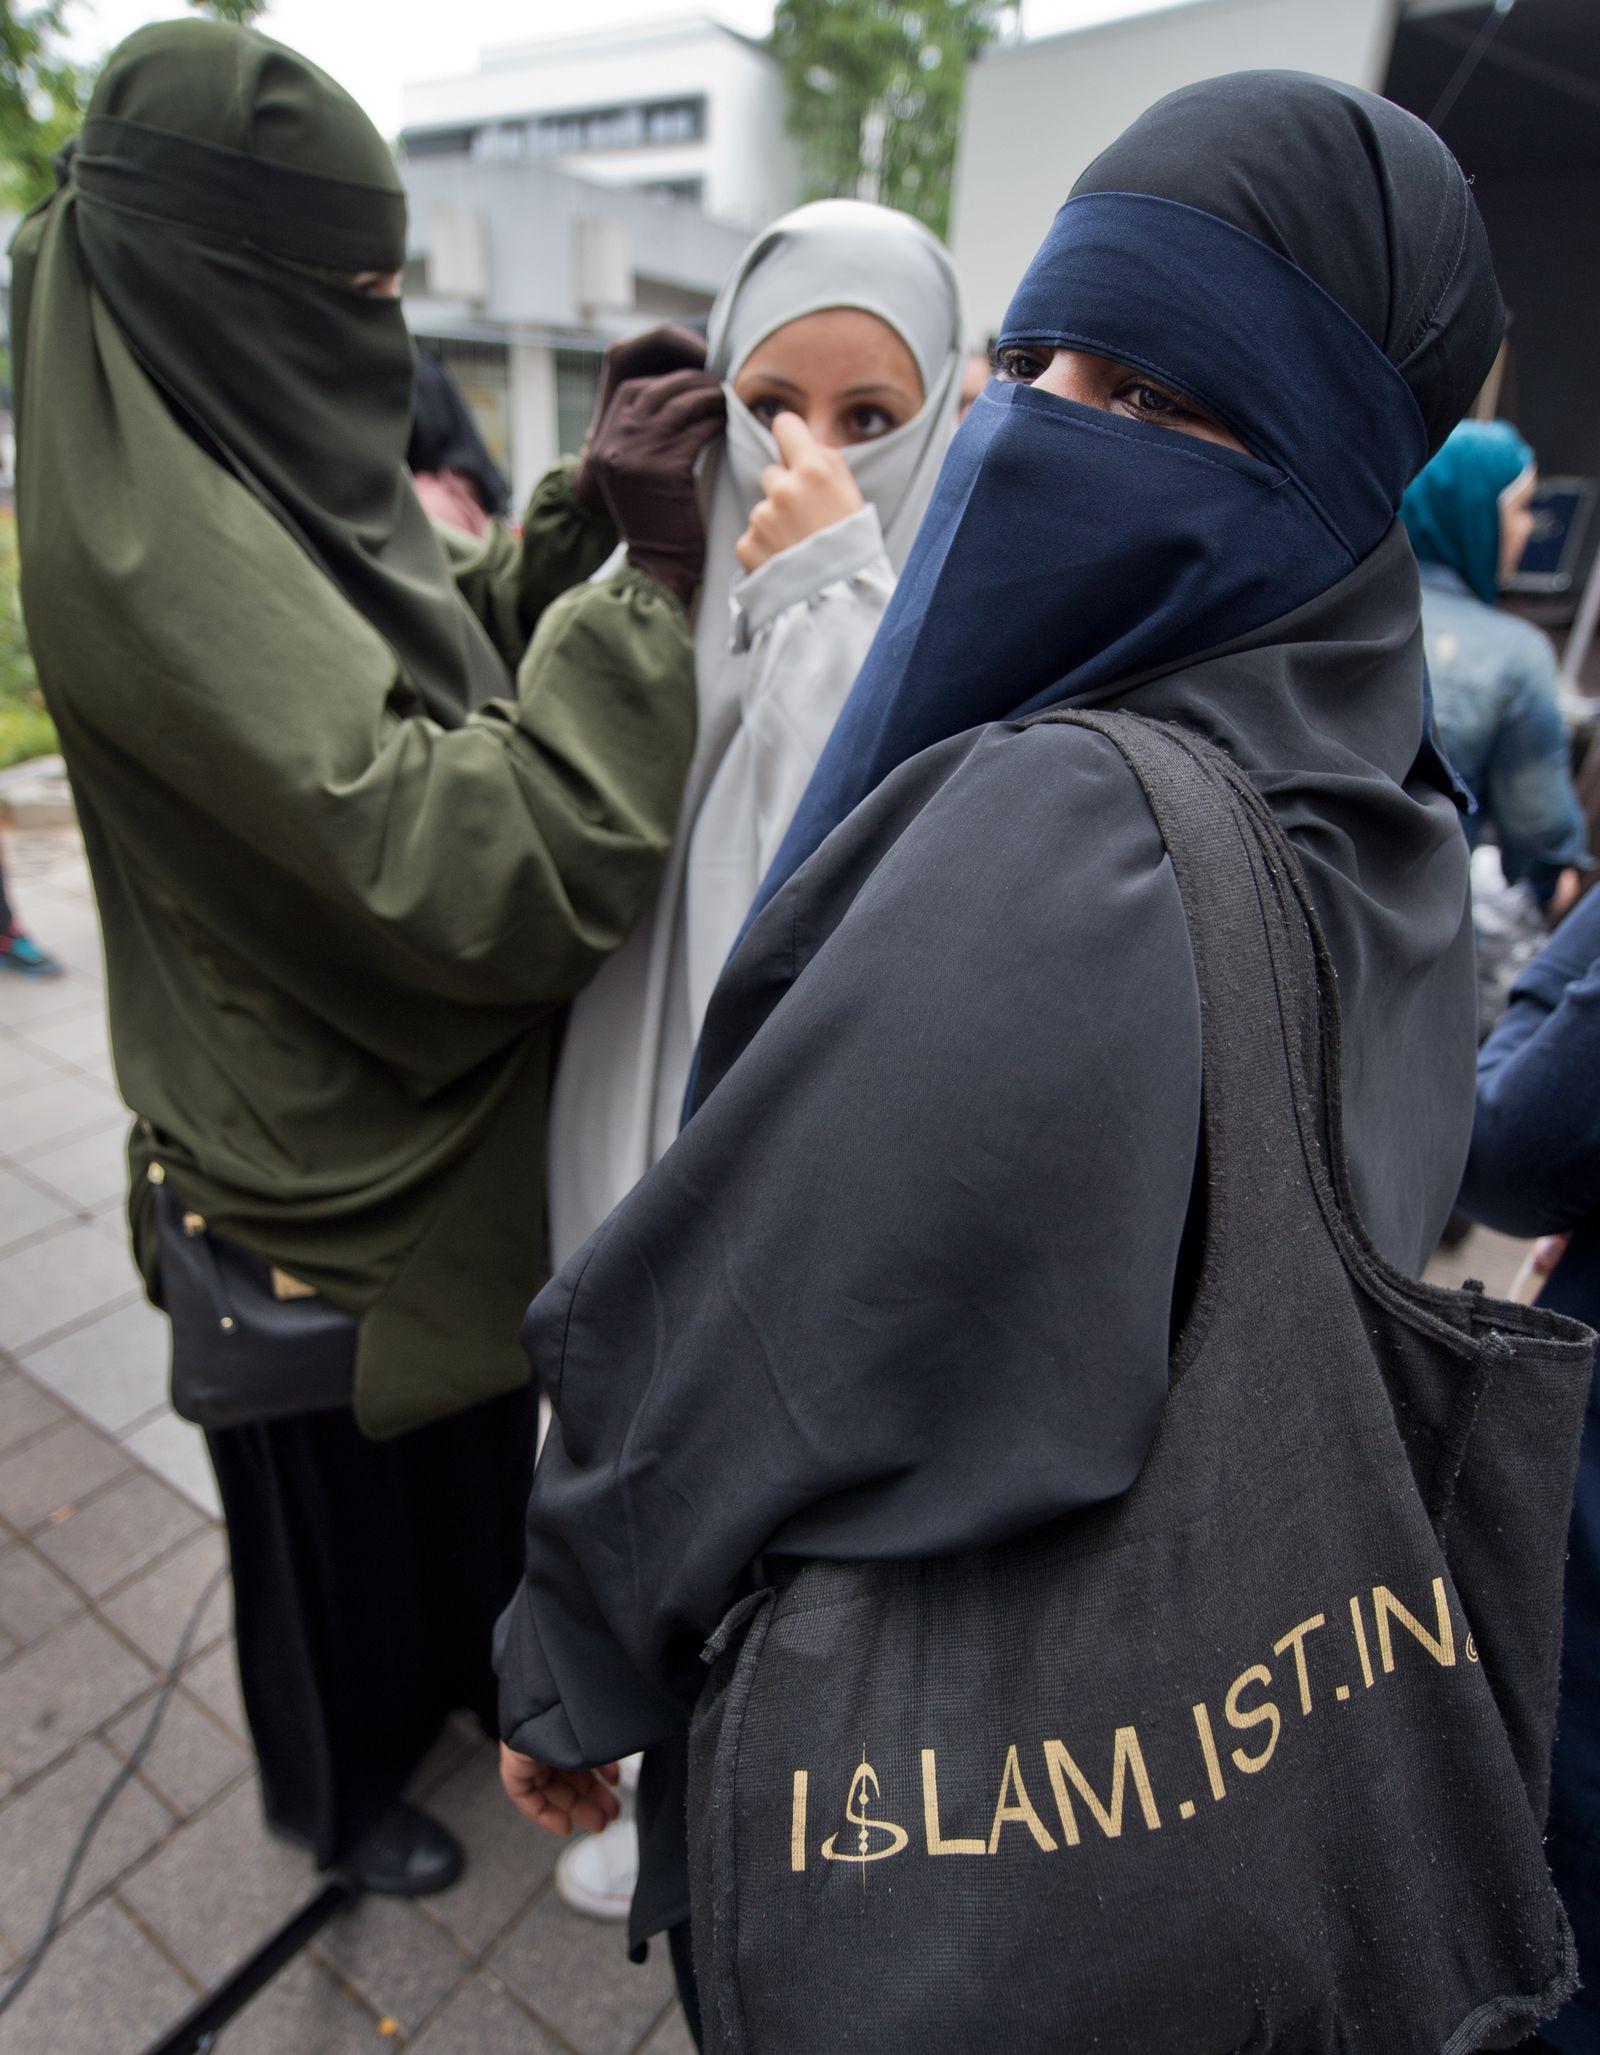 Salafisten-Kundgebung in Offenbach / Burka / Verschleierung